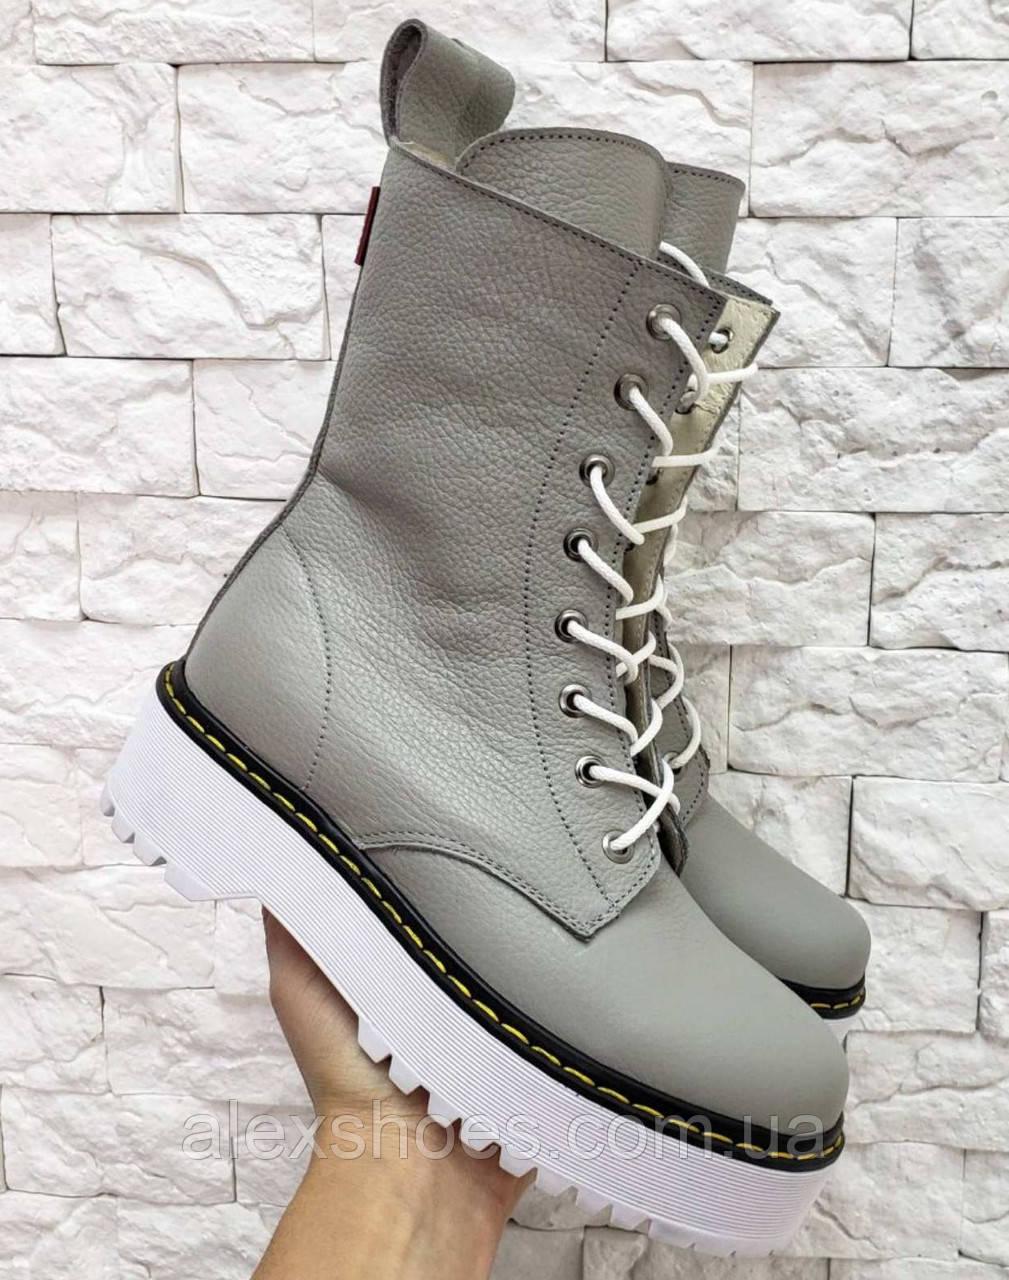 Ботинки молодежные демисезонные из натуральной кожи от производителя модель МАК2062-4